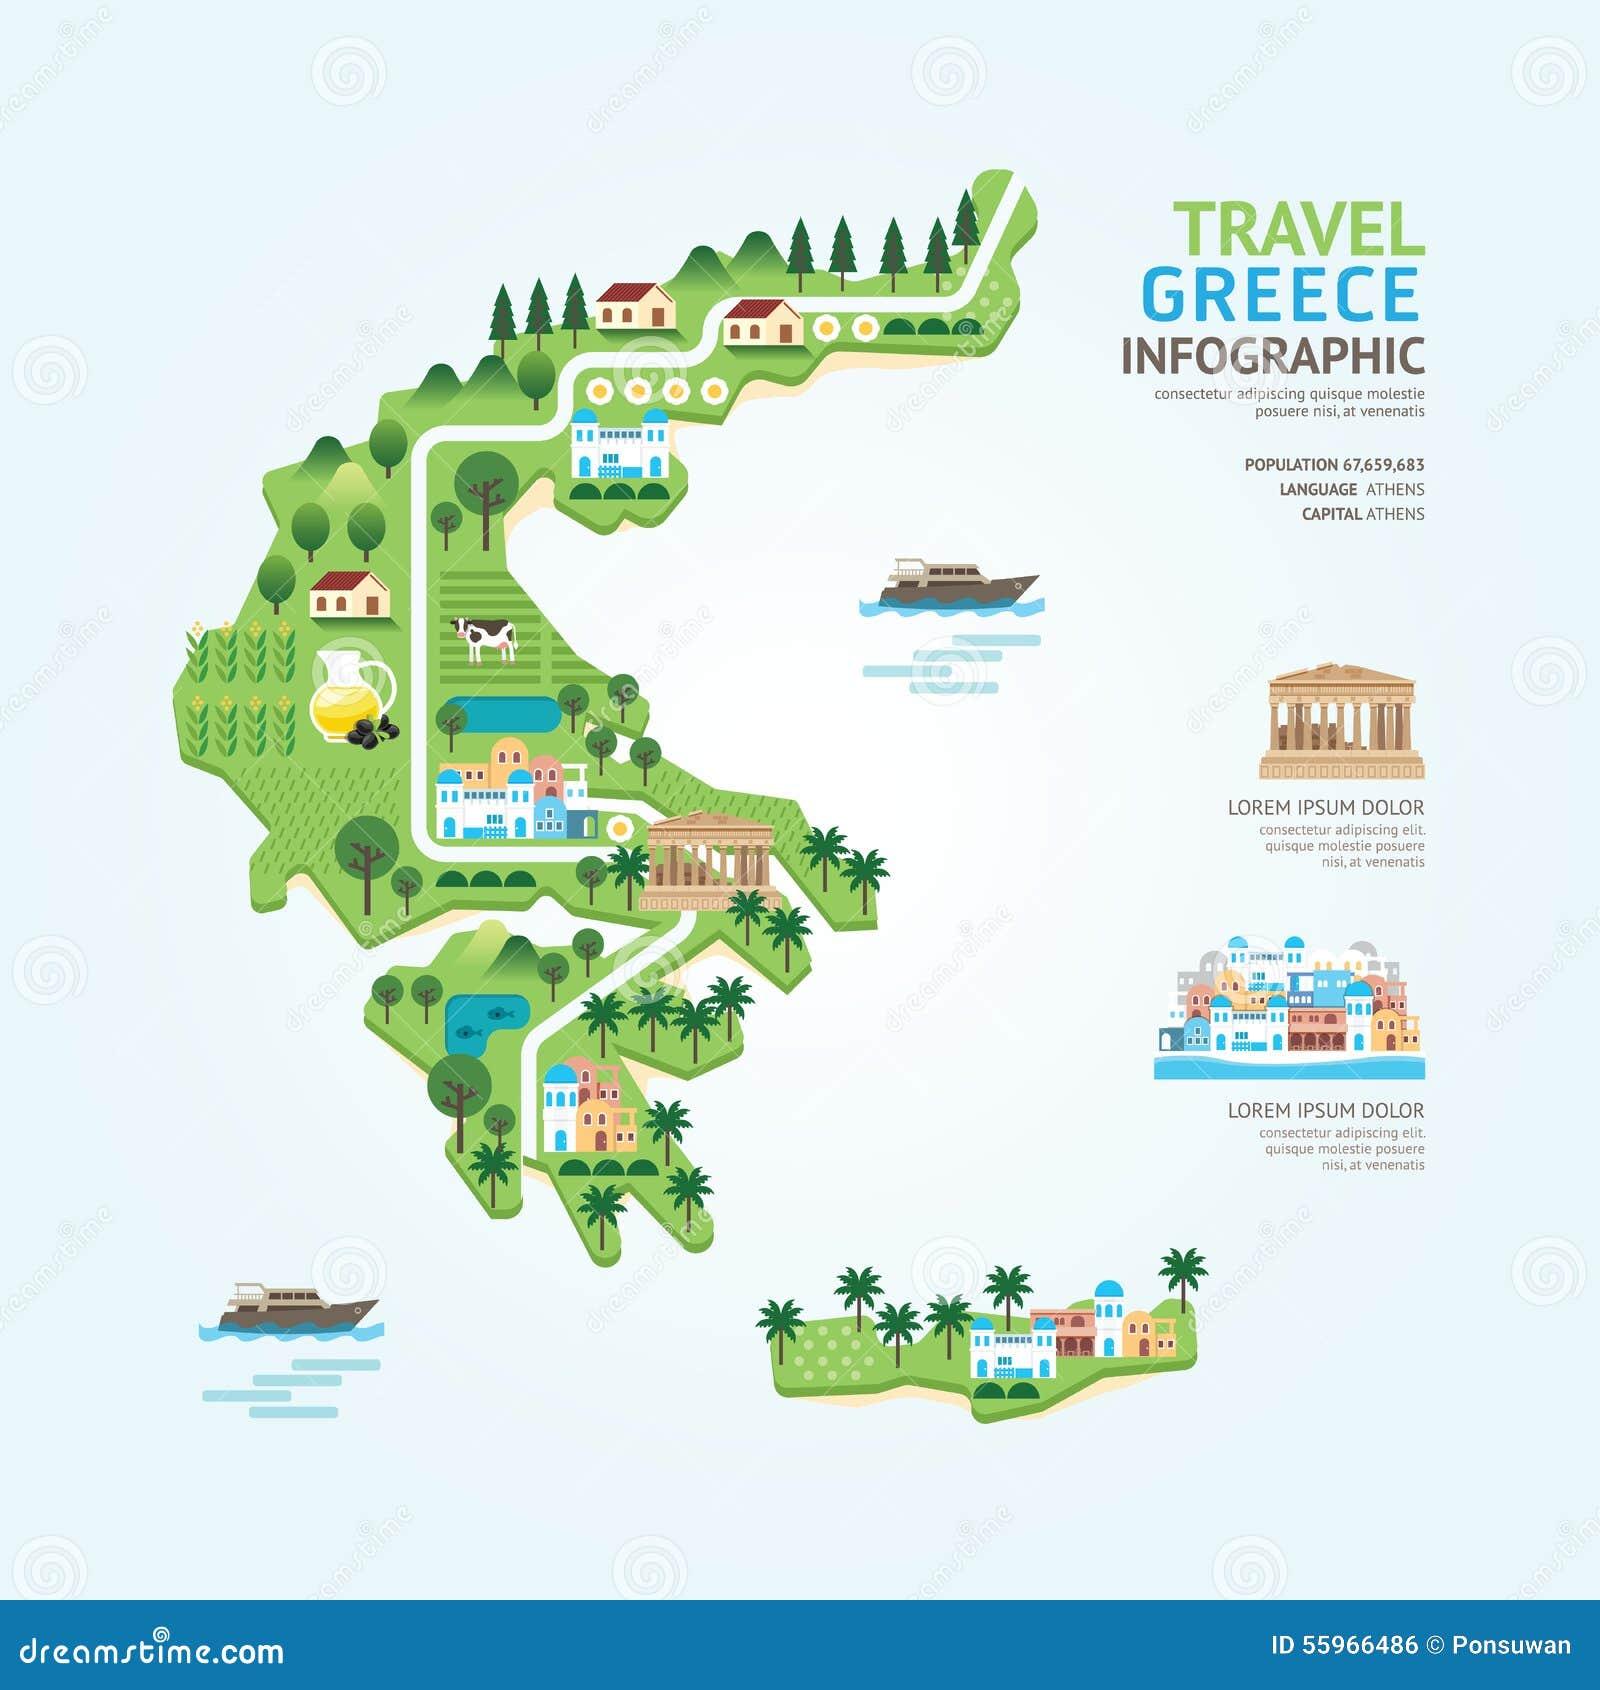 Infographic旅行和地标希腊地图形状模板设计